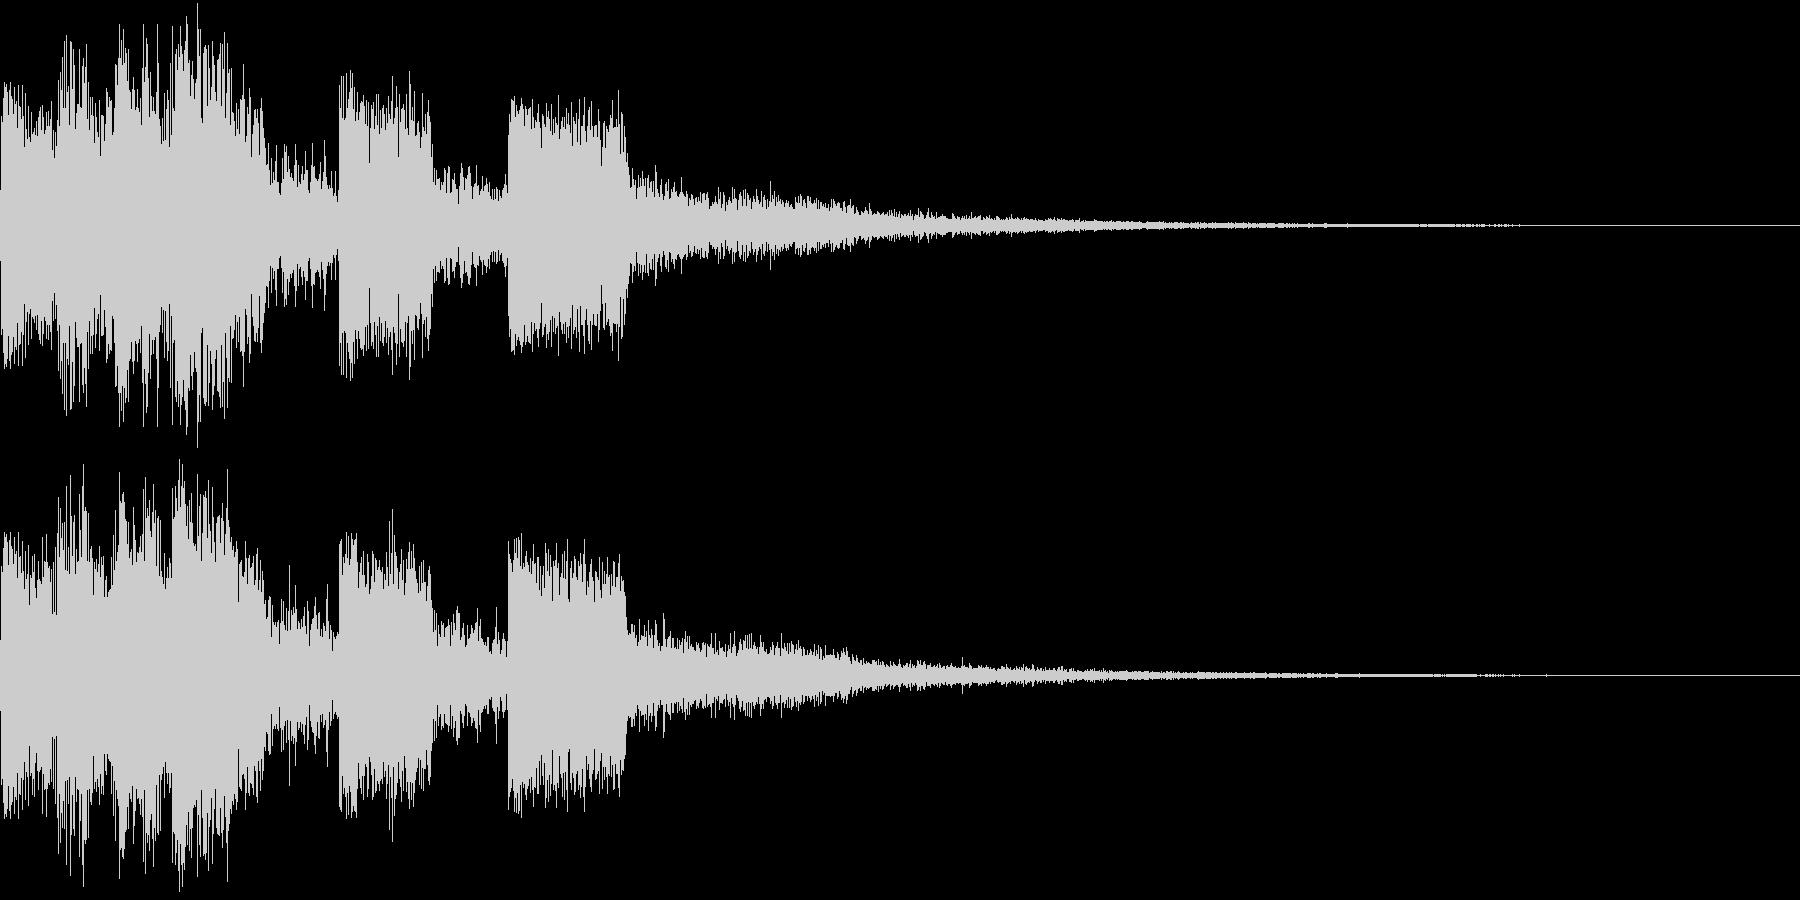 ピコピコ キュルルン ジャンプ Bの未再生の波形